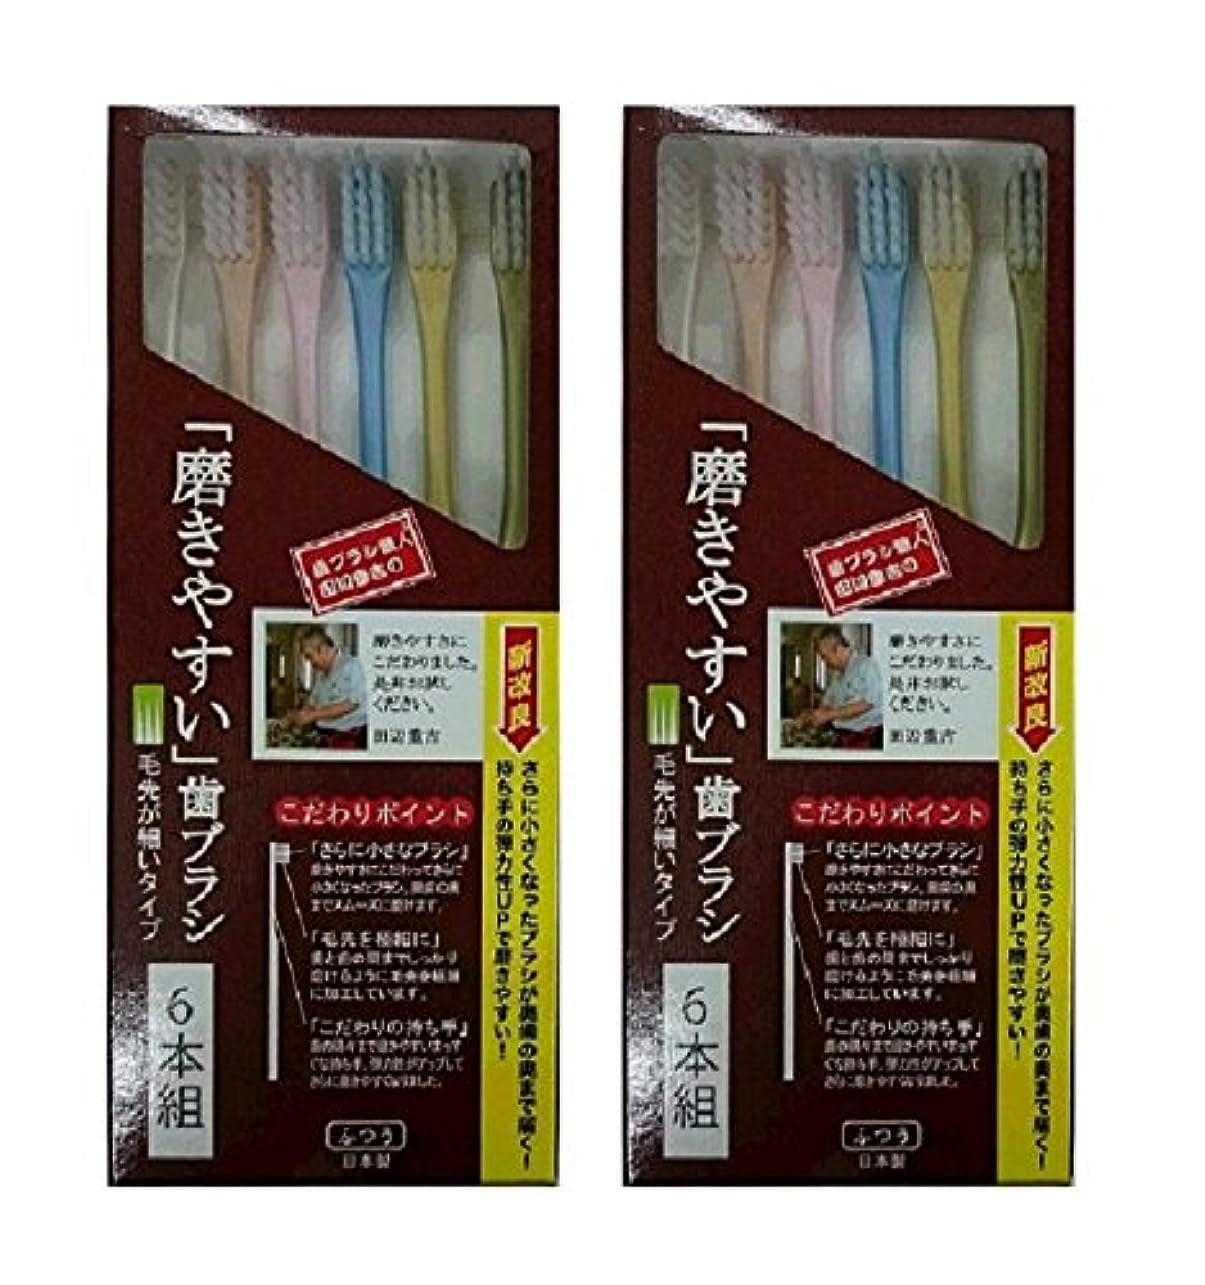 歯ブラシ職人 田辺重吉考案 磨きやすい歯ブラシ 先細 6本組×2個セット